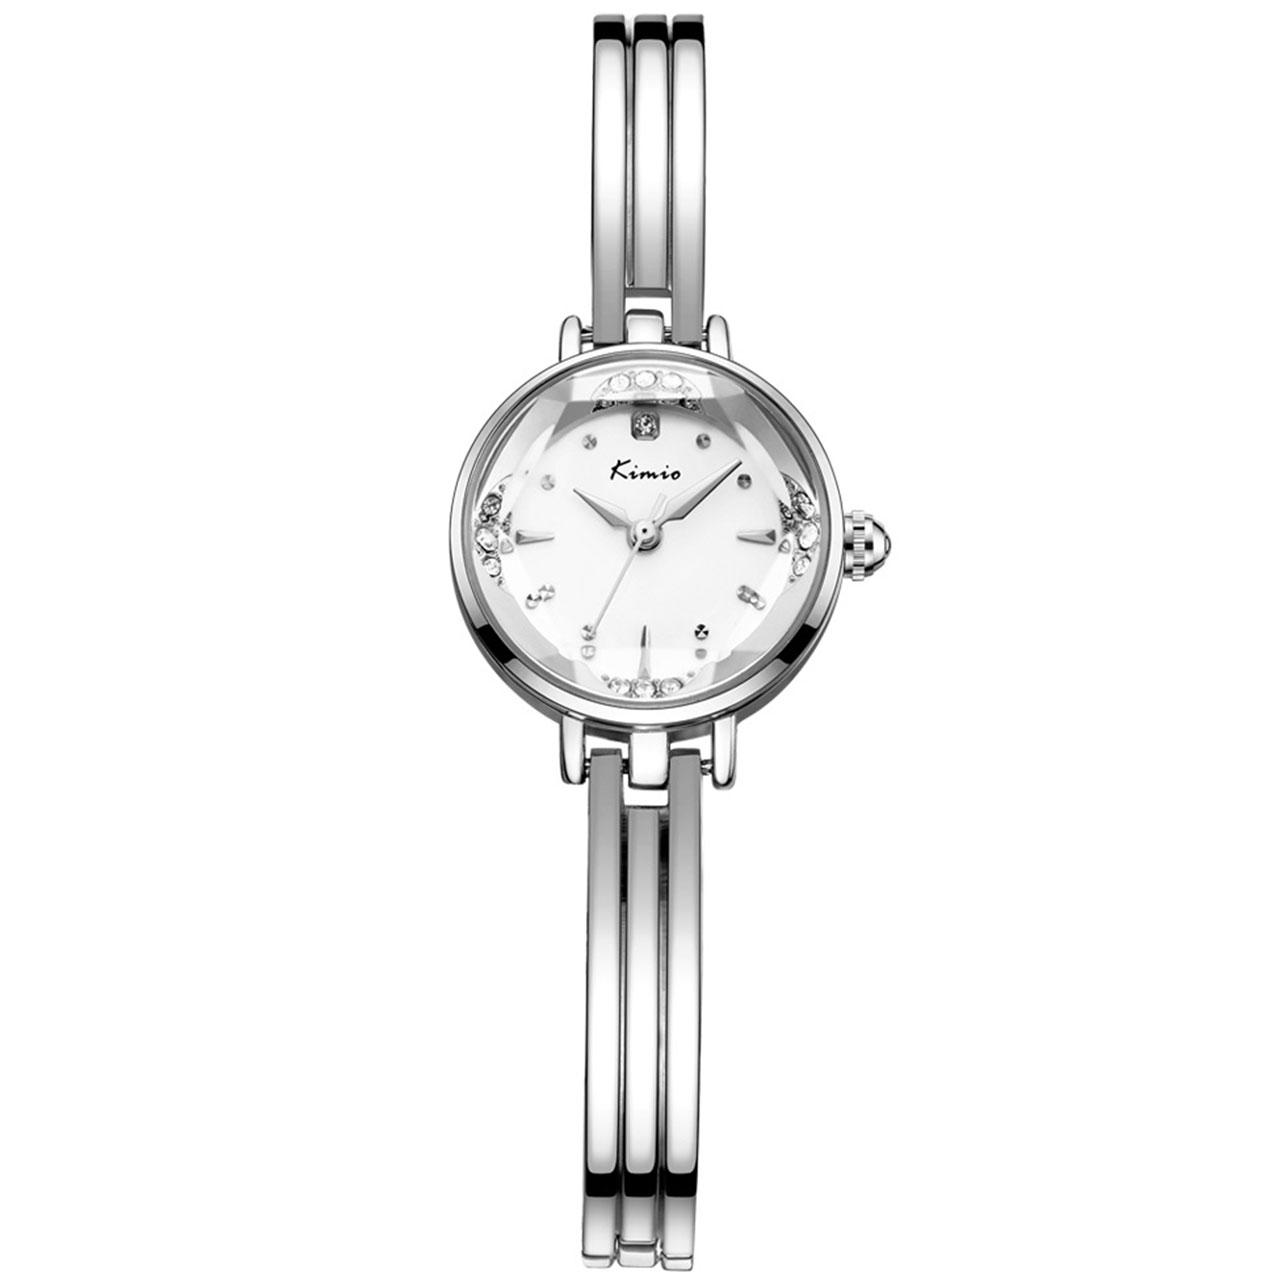 ساعت  زنانه کیمیو مدل K6222S-GZ1WWW